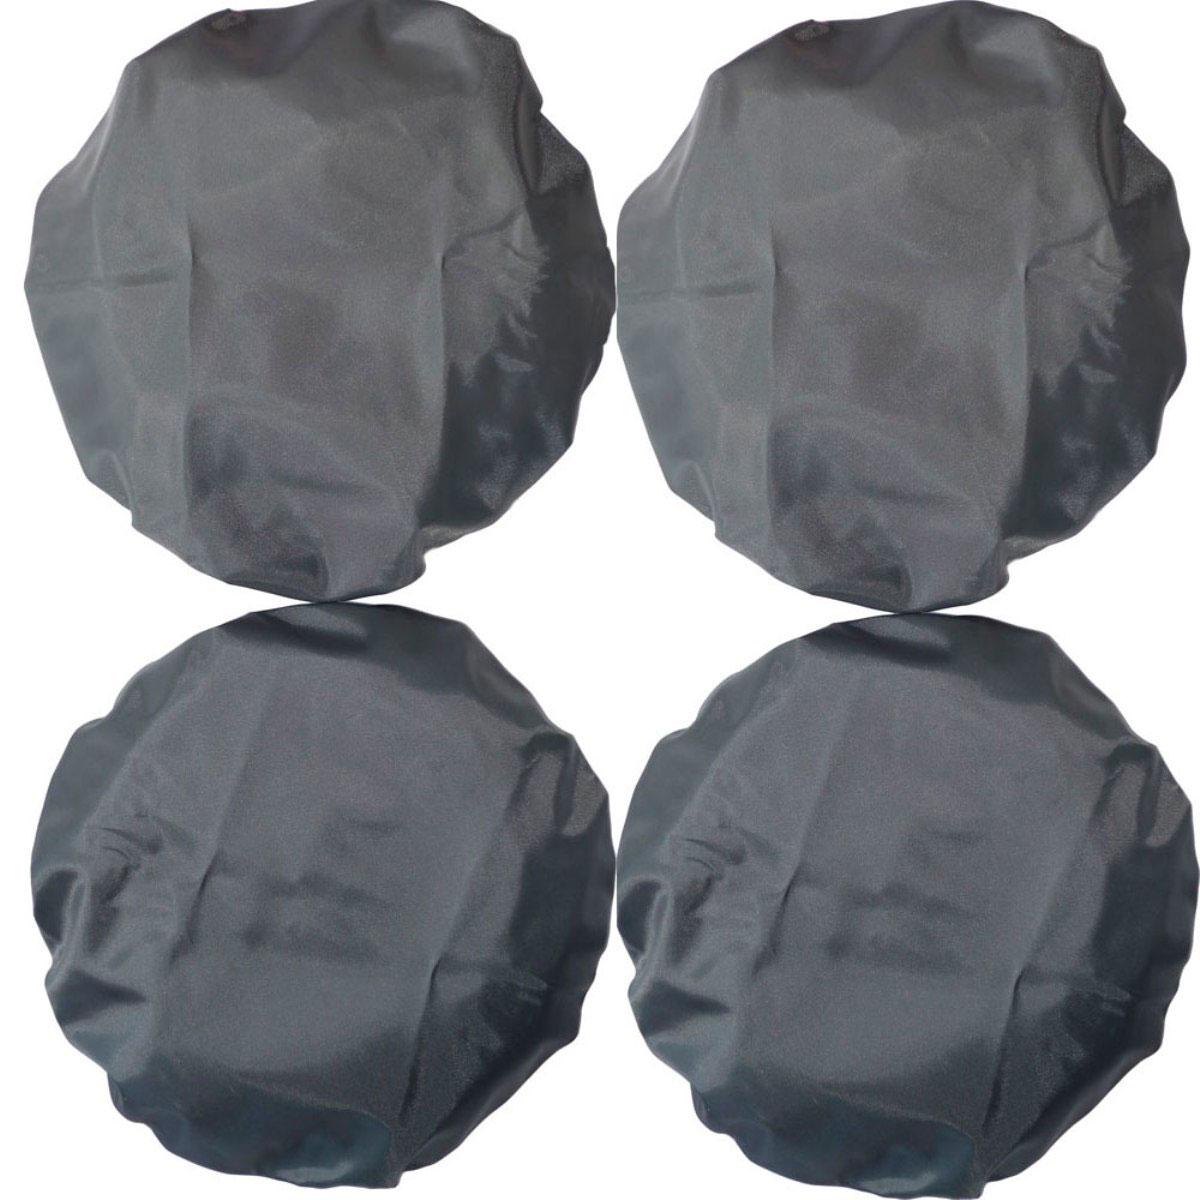 Чудо-Чадо Чехлы на колеса для коляски диаметр 18-28 см цвет мокрый асфальт 4 шт